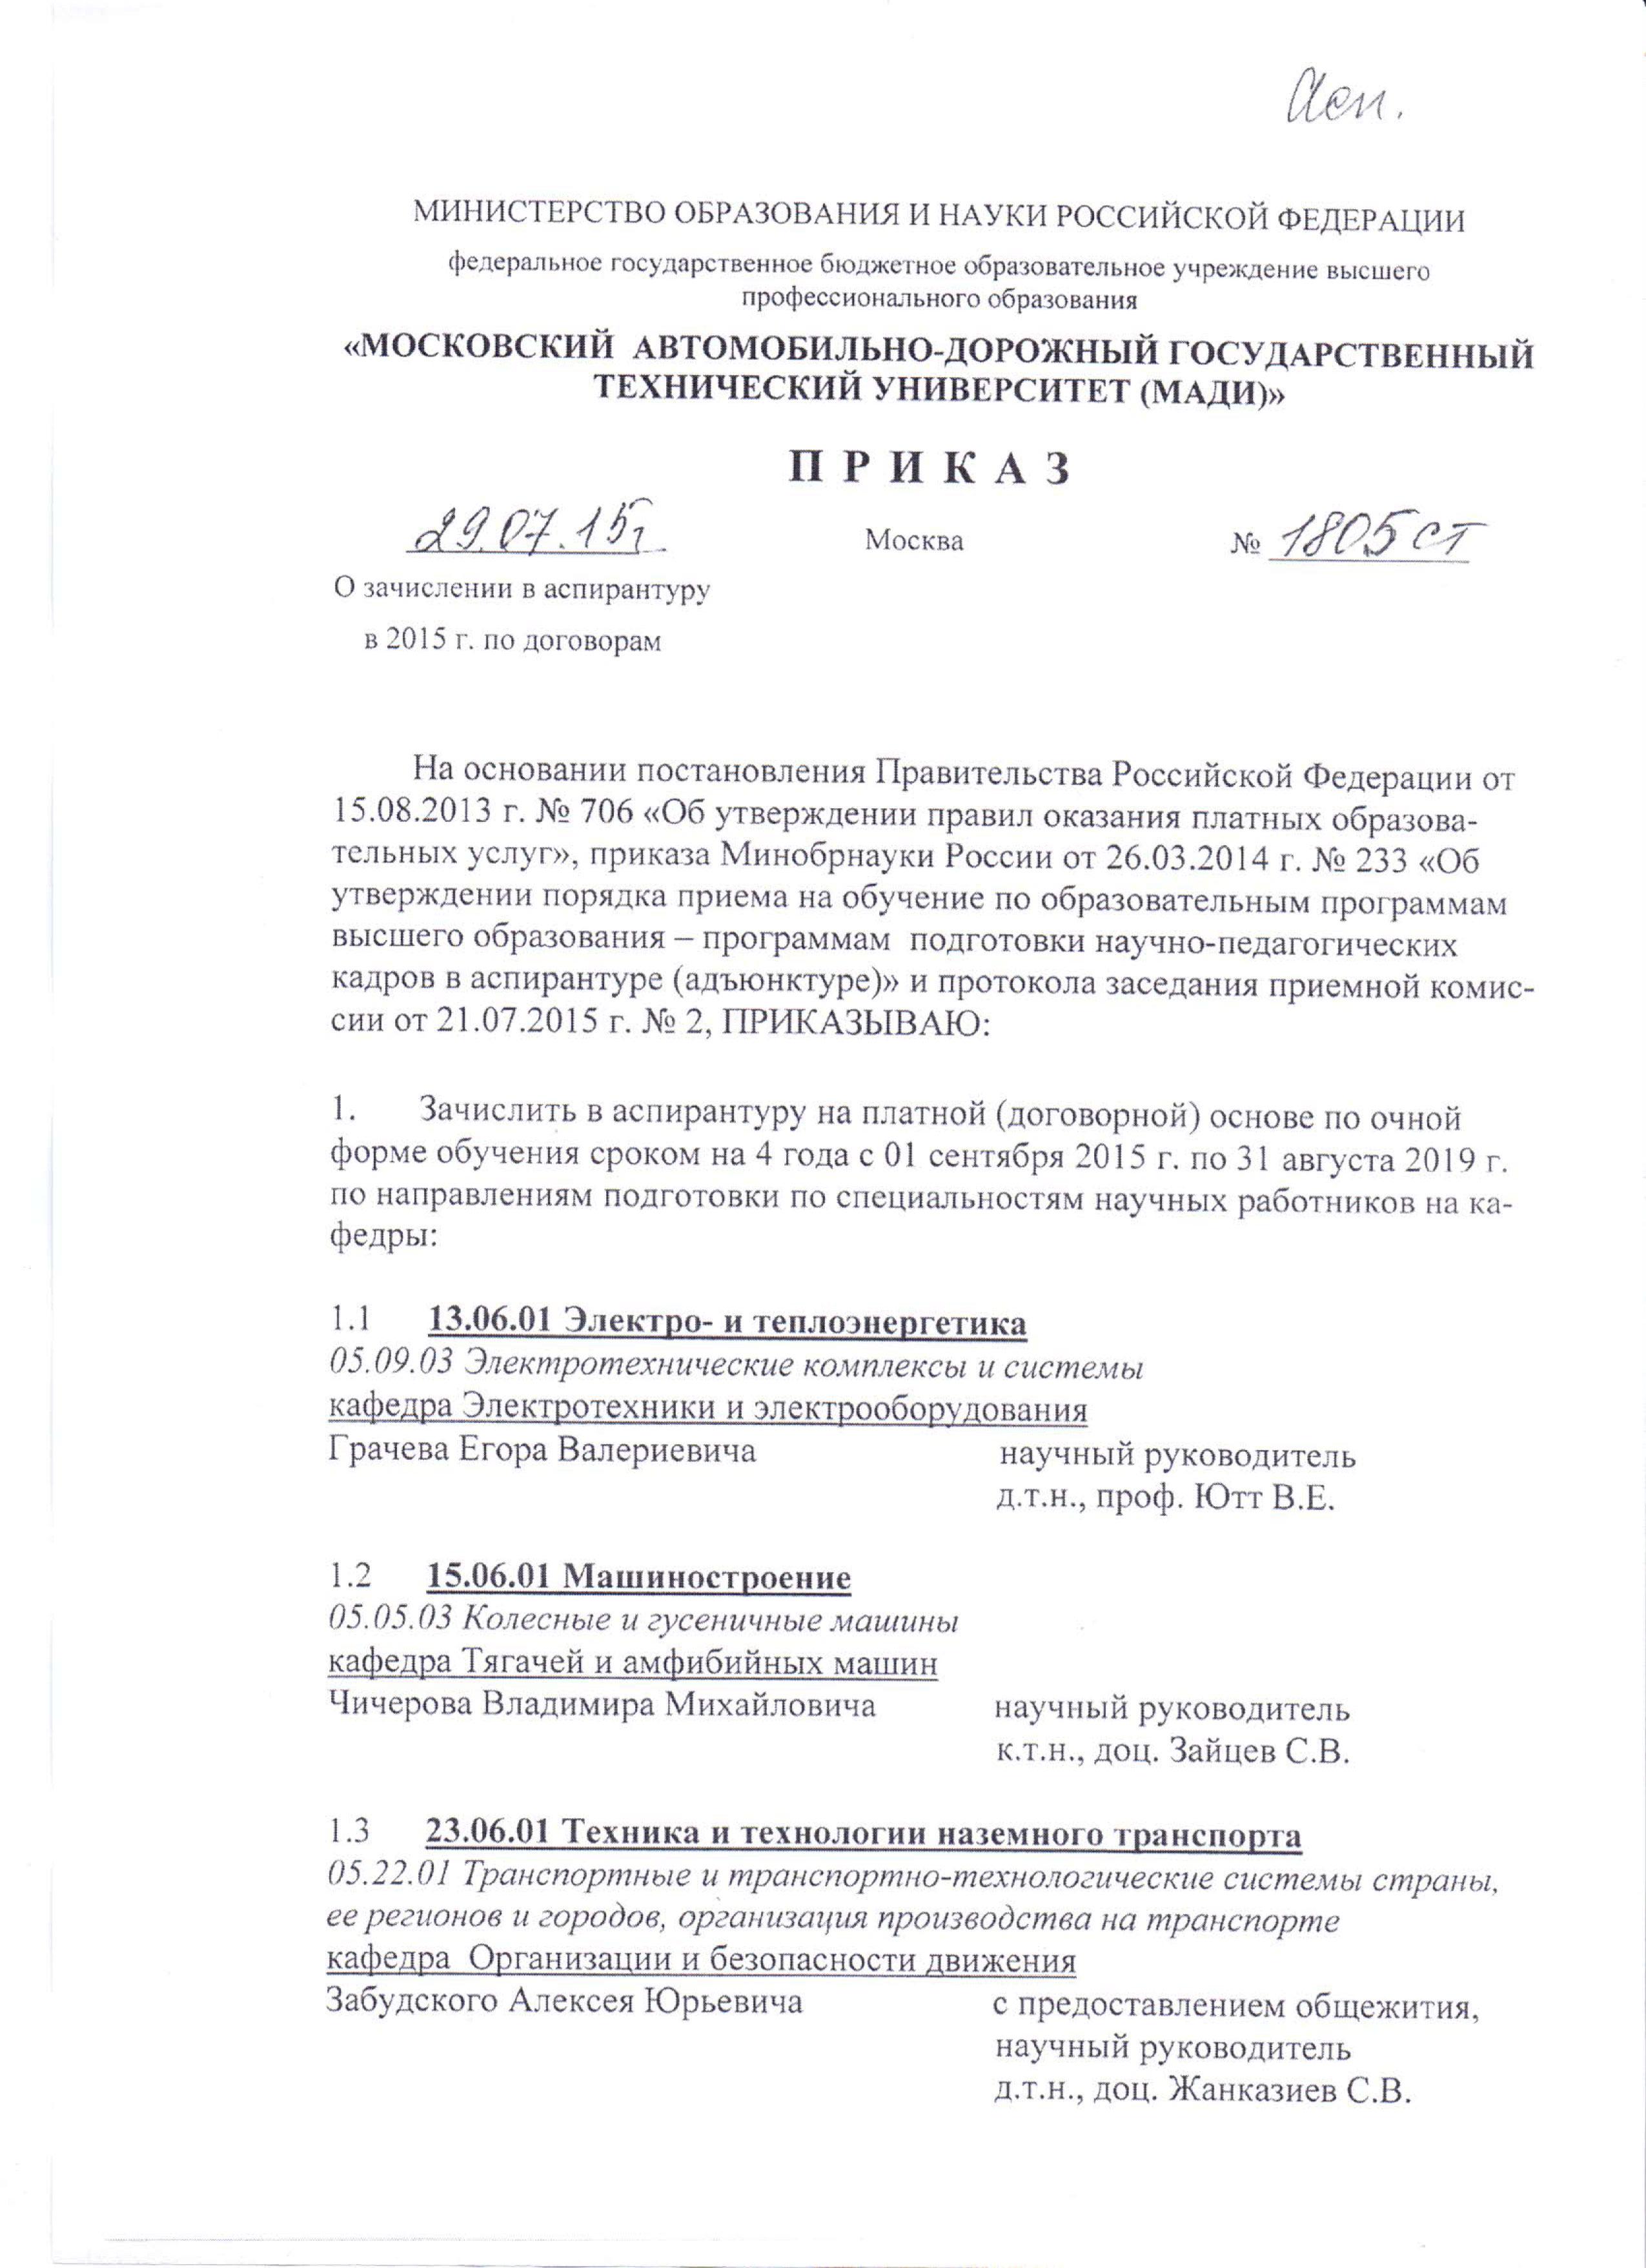 Вуз ивановский государственный химико-технологический университет.